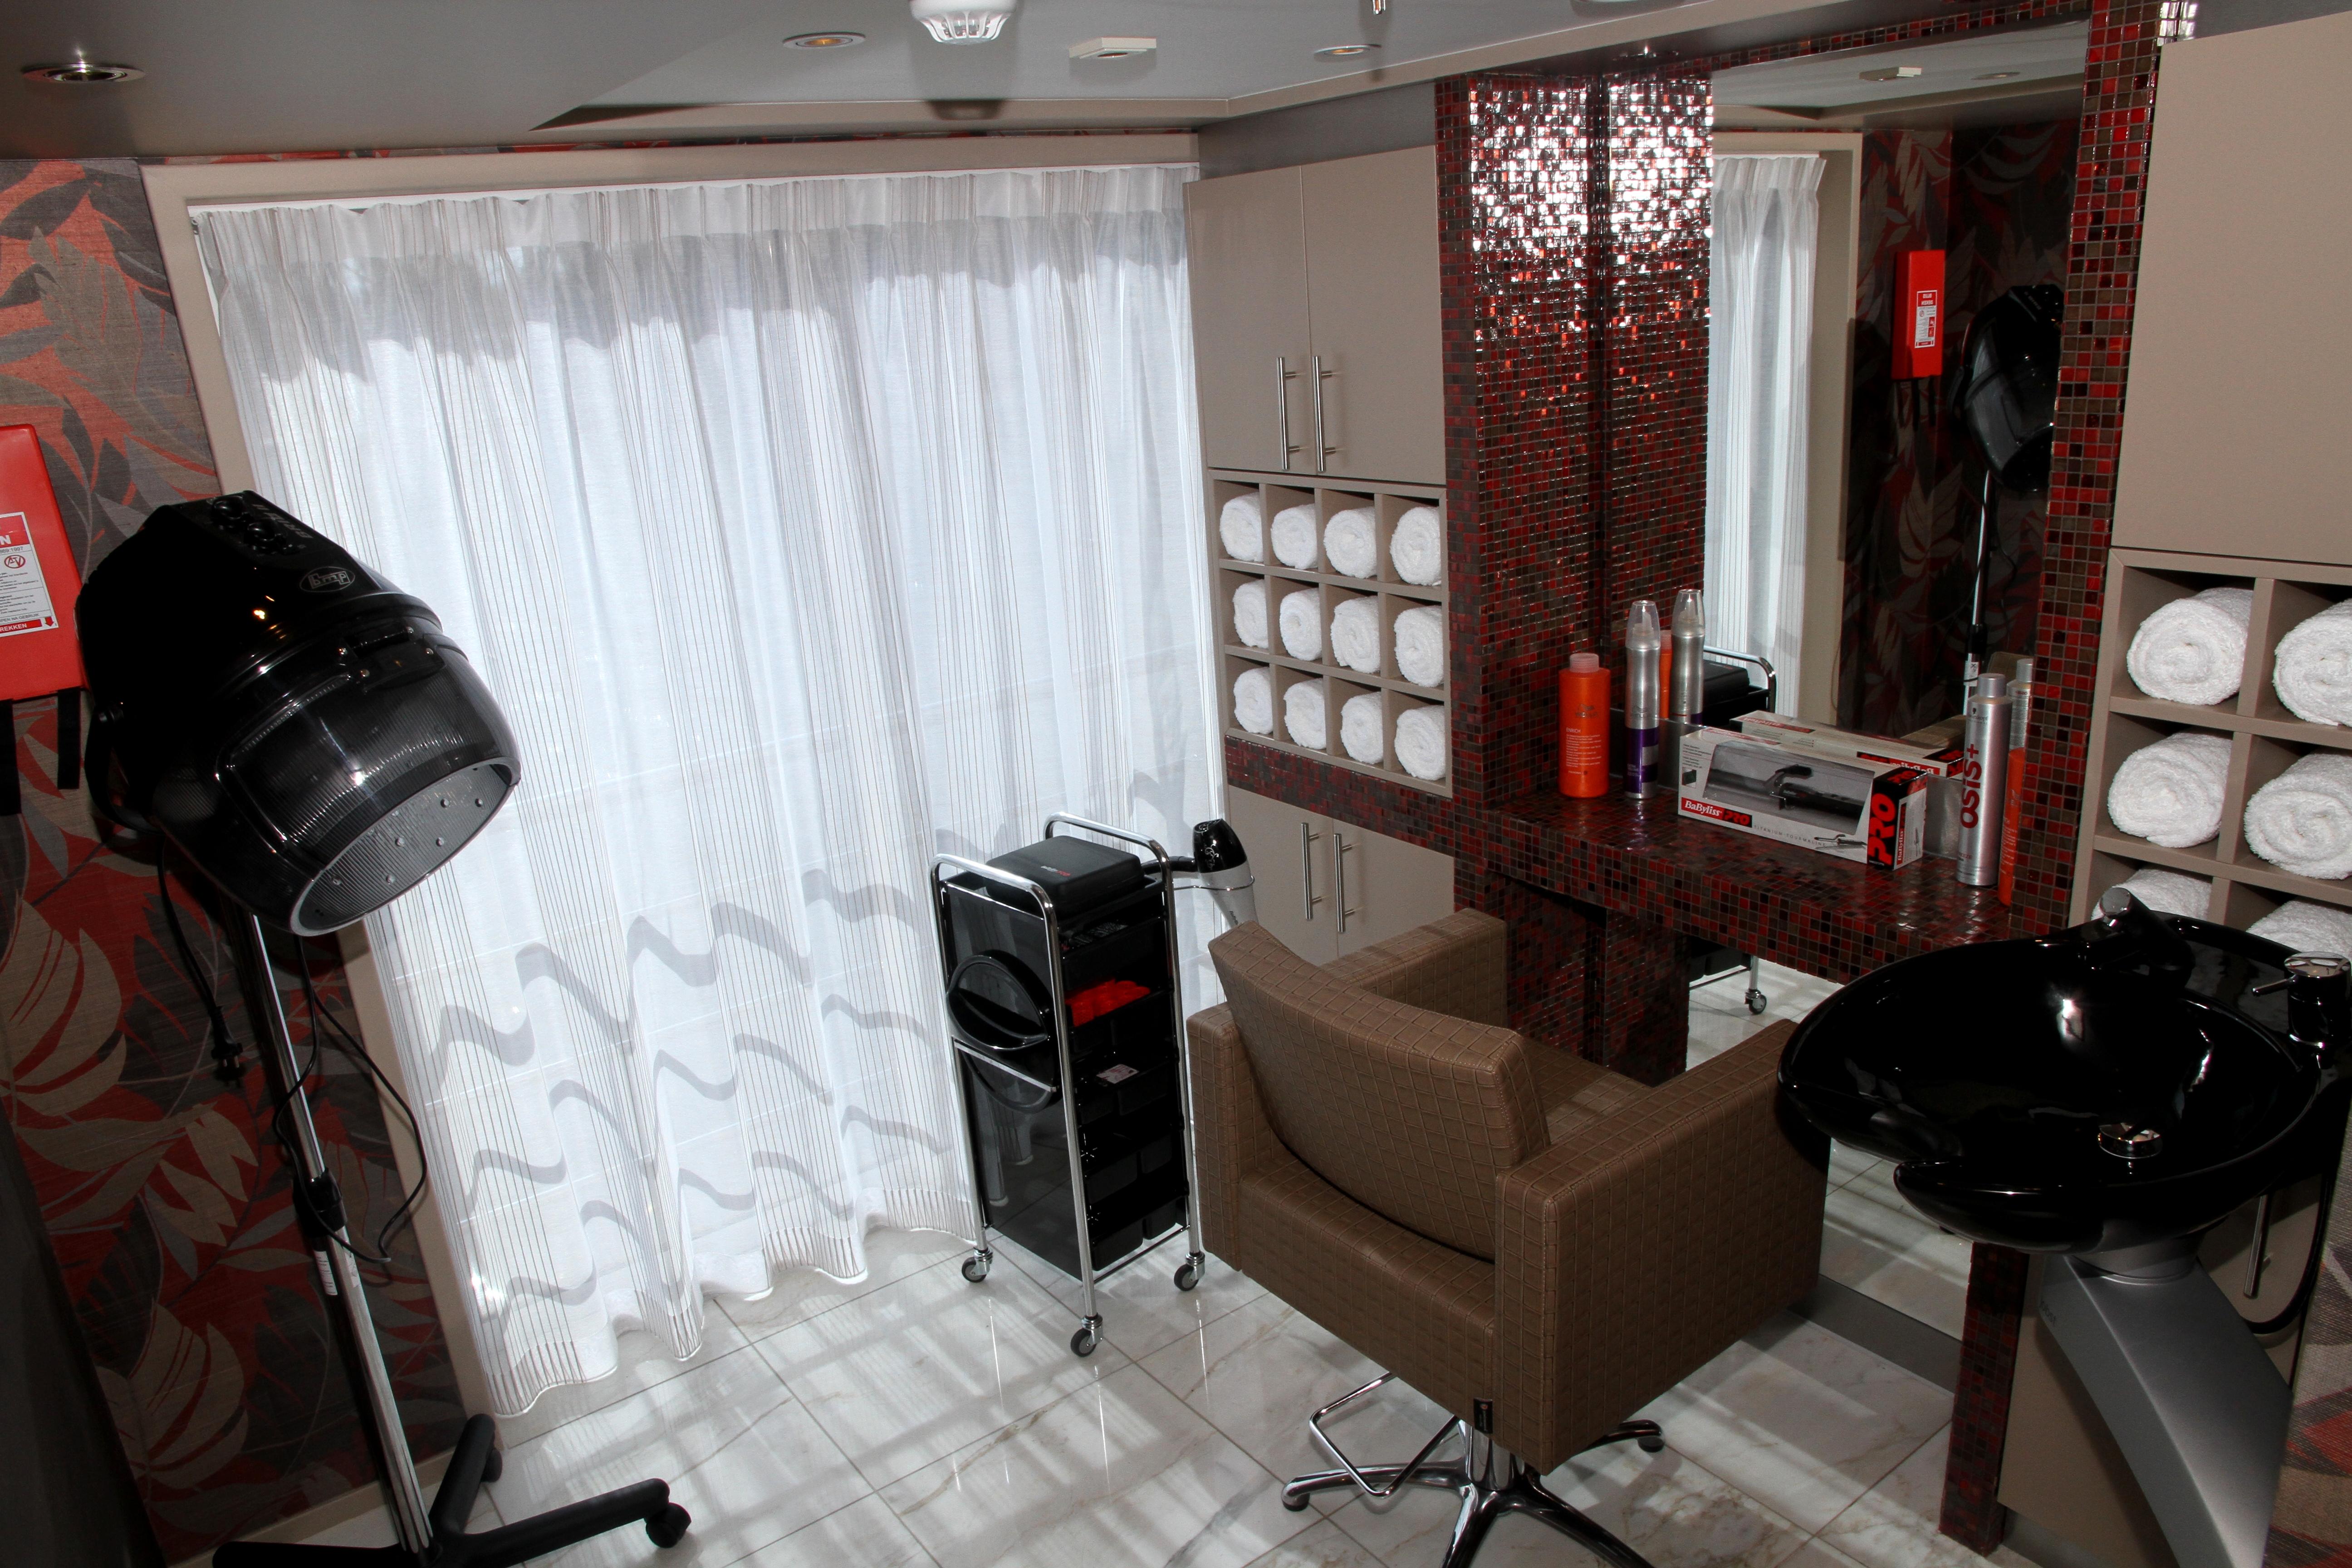 AmaWaterways AmaSerena AmaSonata AmaReina AmaPrima AmaCerto Interior Salon.jpg